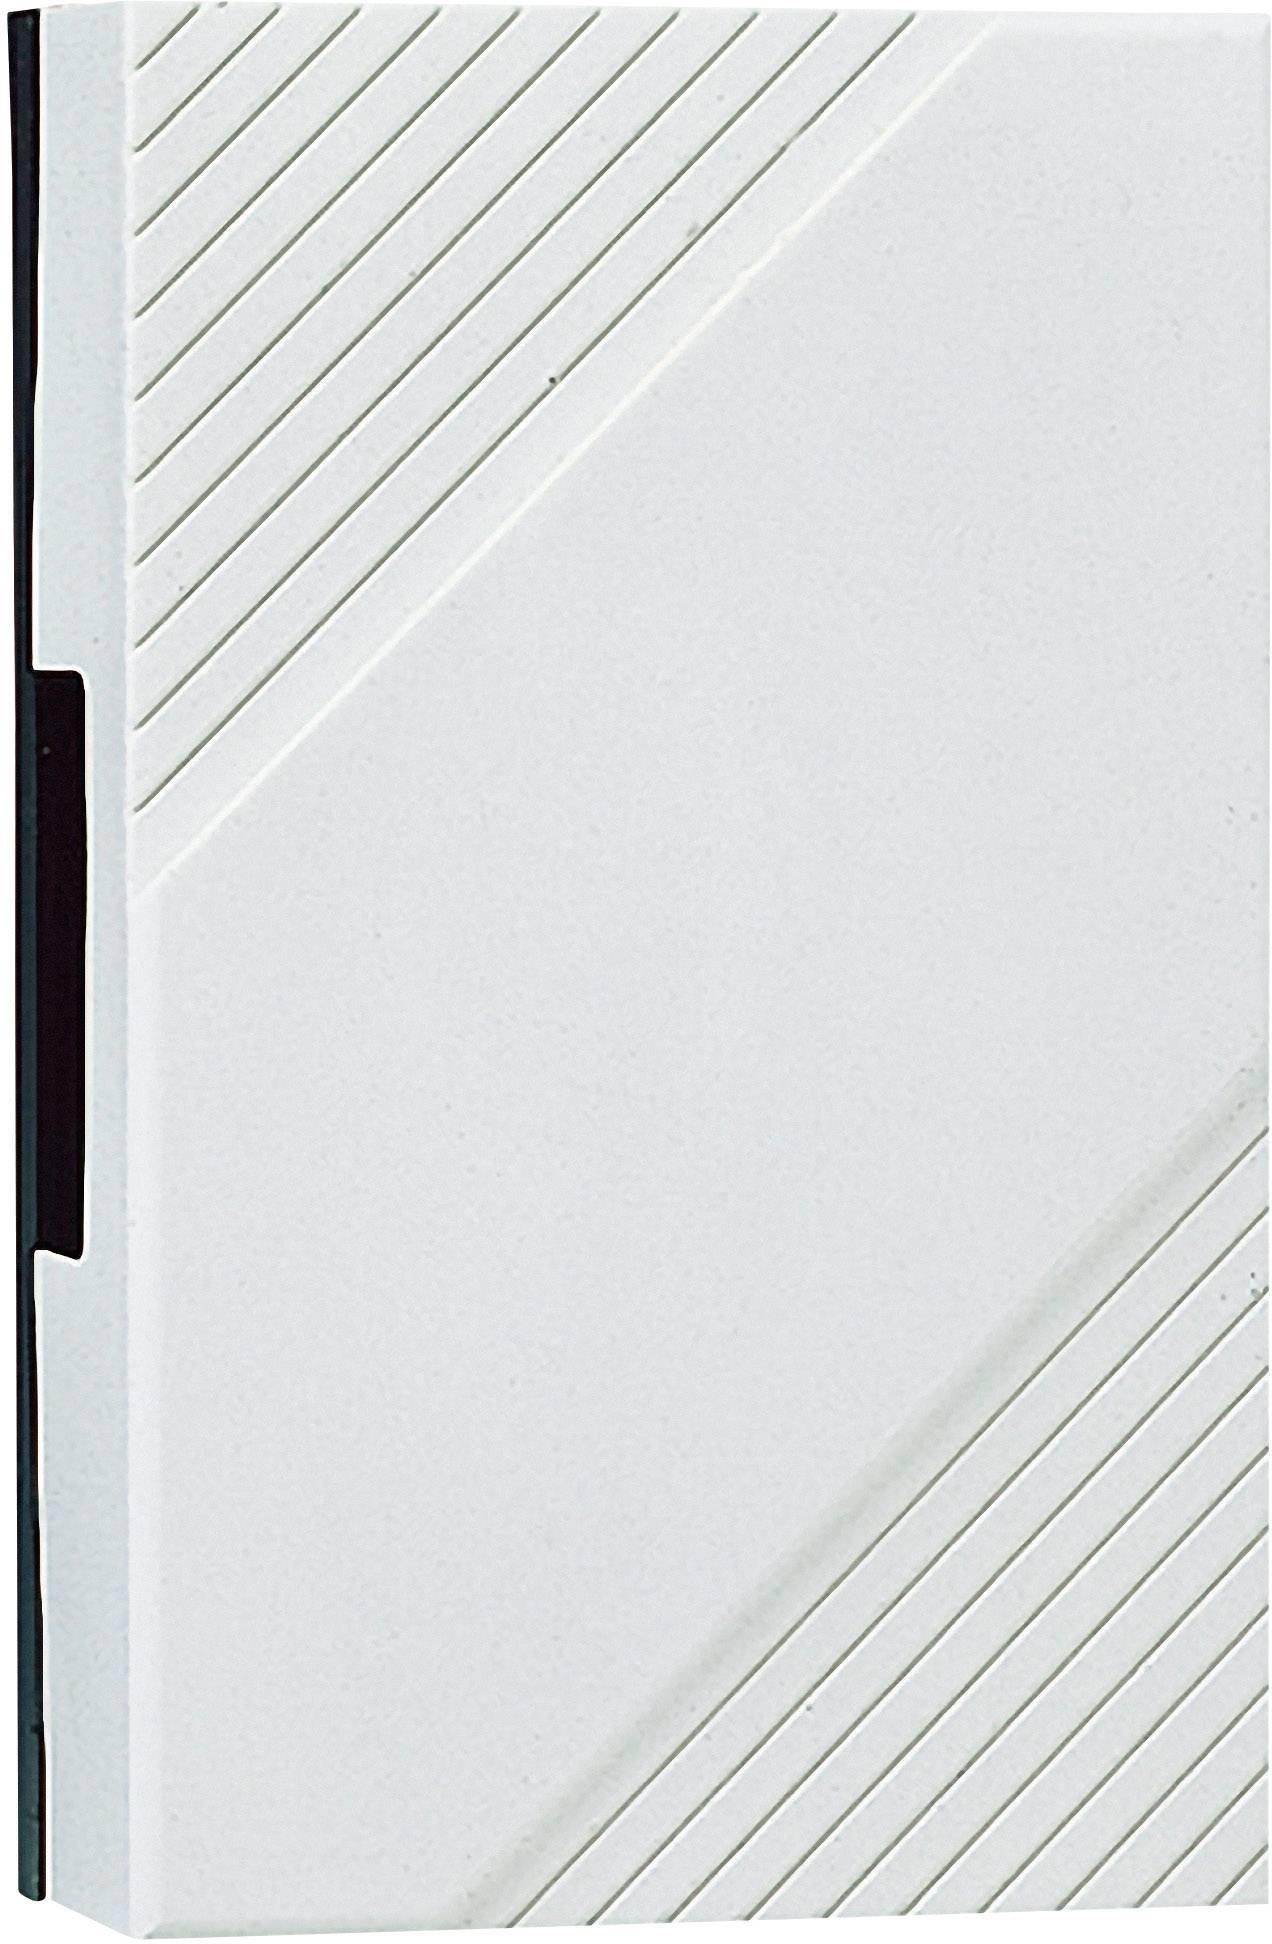 Elektrický gong Grothe 169, 44169, 8 V - 12 V, 85 dBA, bílá